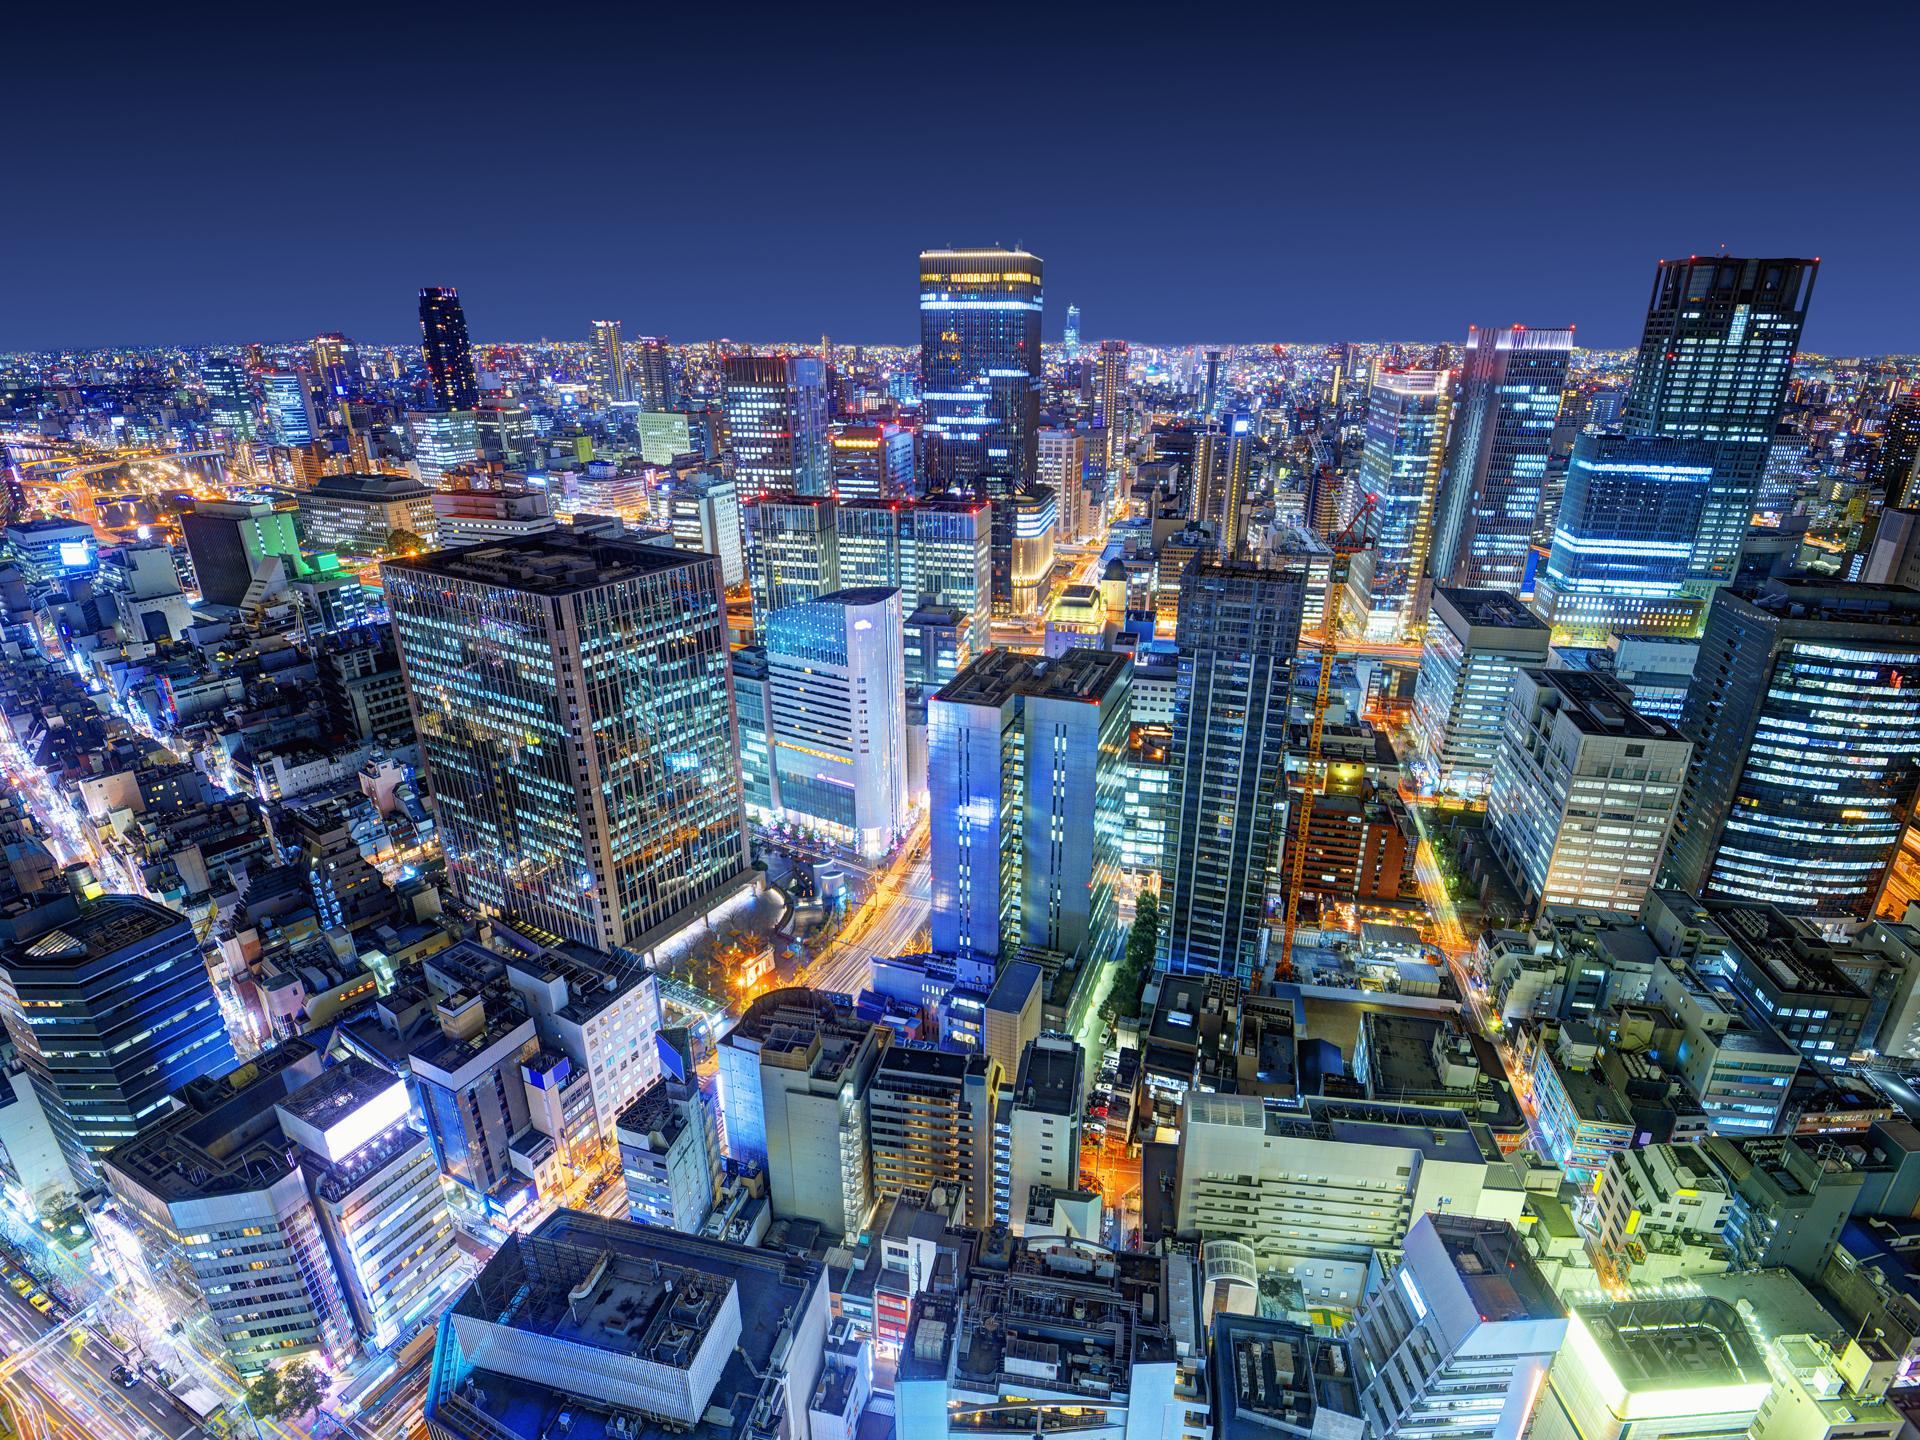 抢游惠 东京参团度假  d 6大阪-上海                       飞机:约3